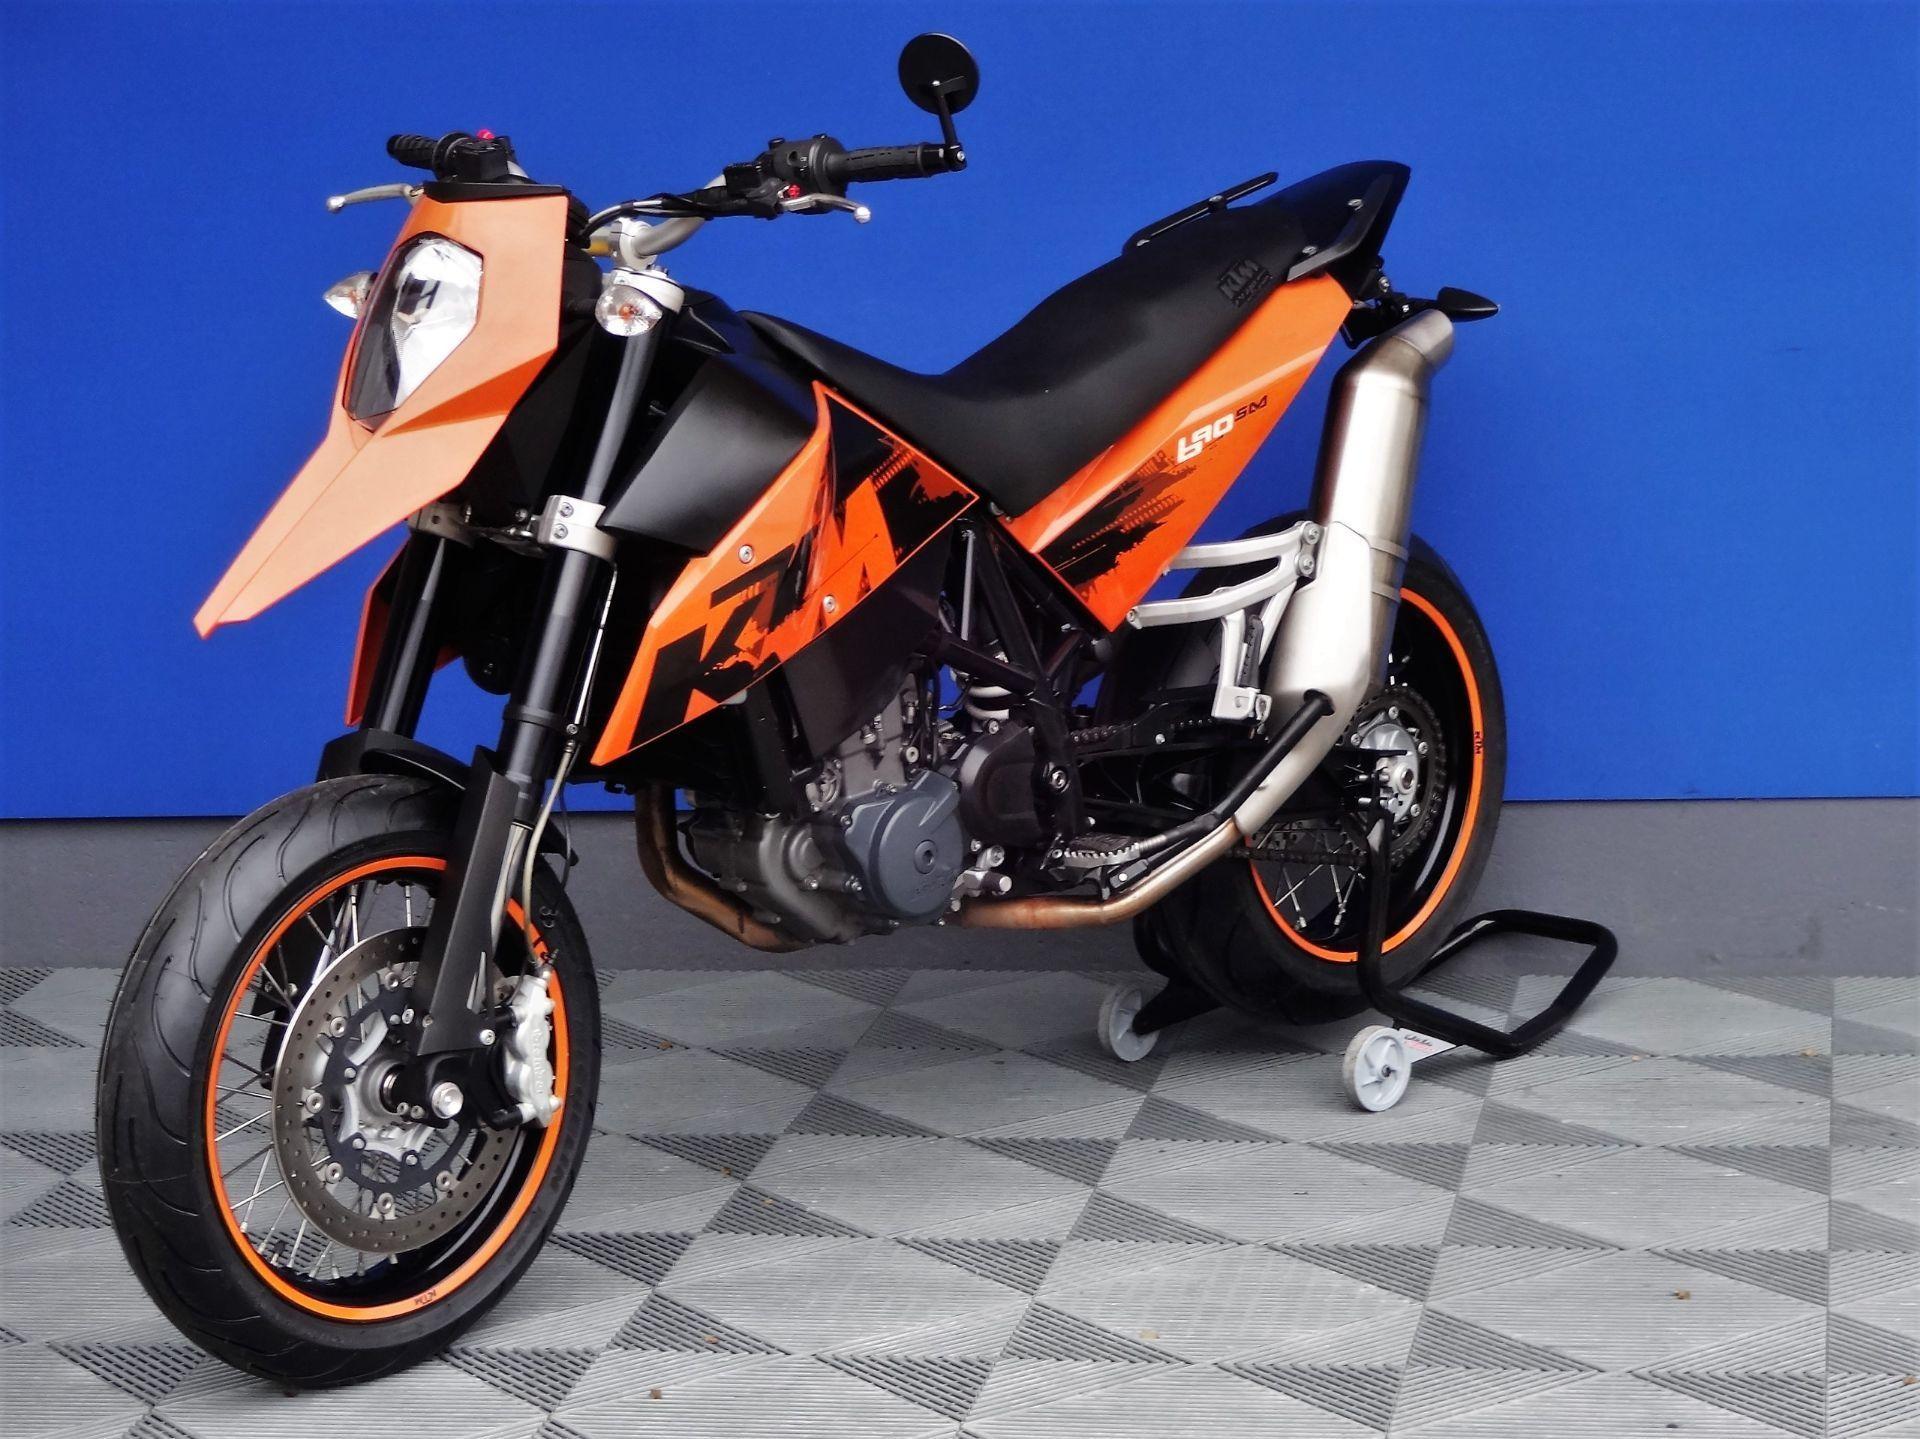 motorrad occasion kaufen ktm 690 sm supermoto vogel motorbikes sch pfheim. Black Bedroom Furniture Sets. Home Design Ideas